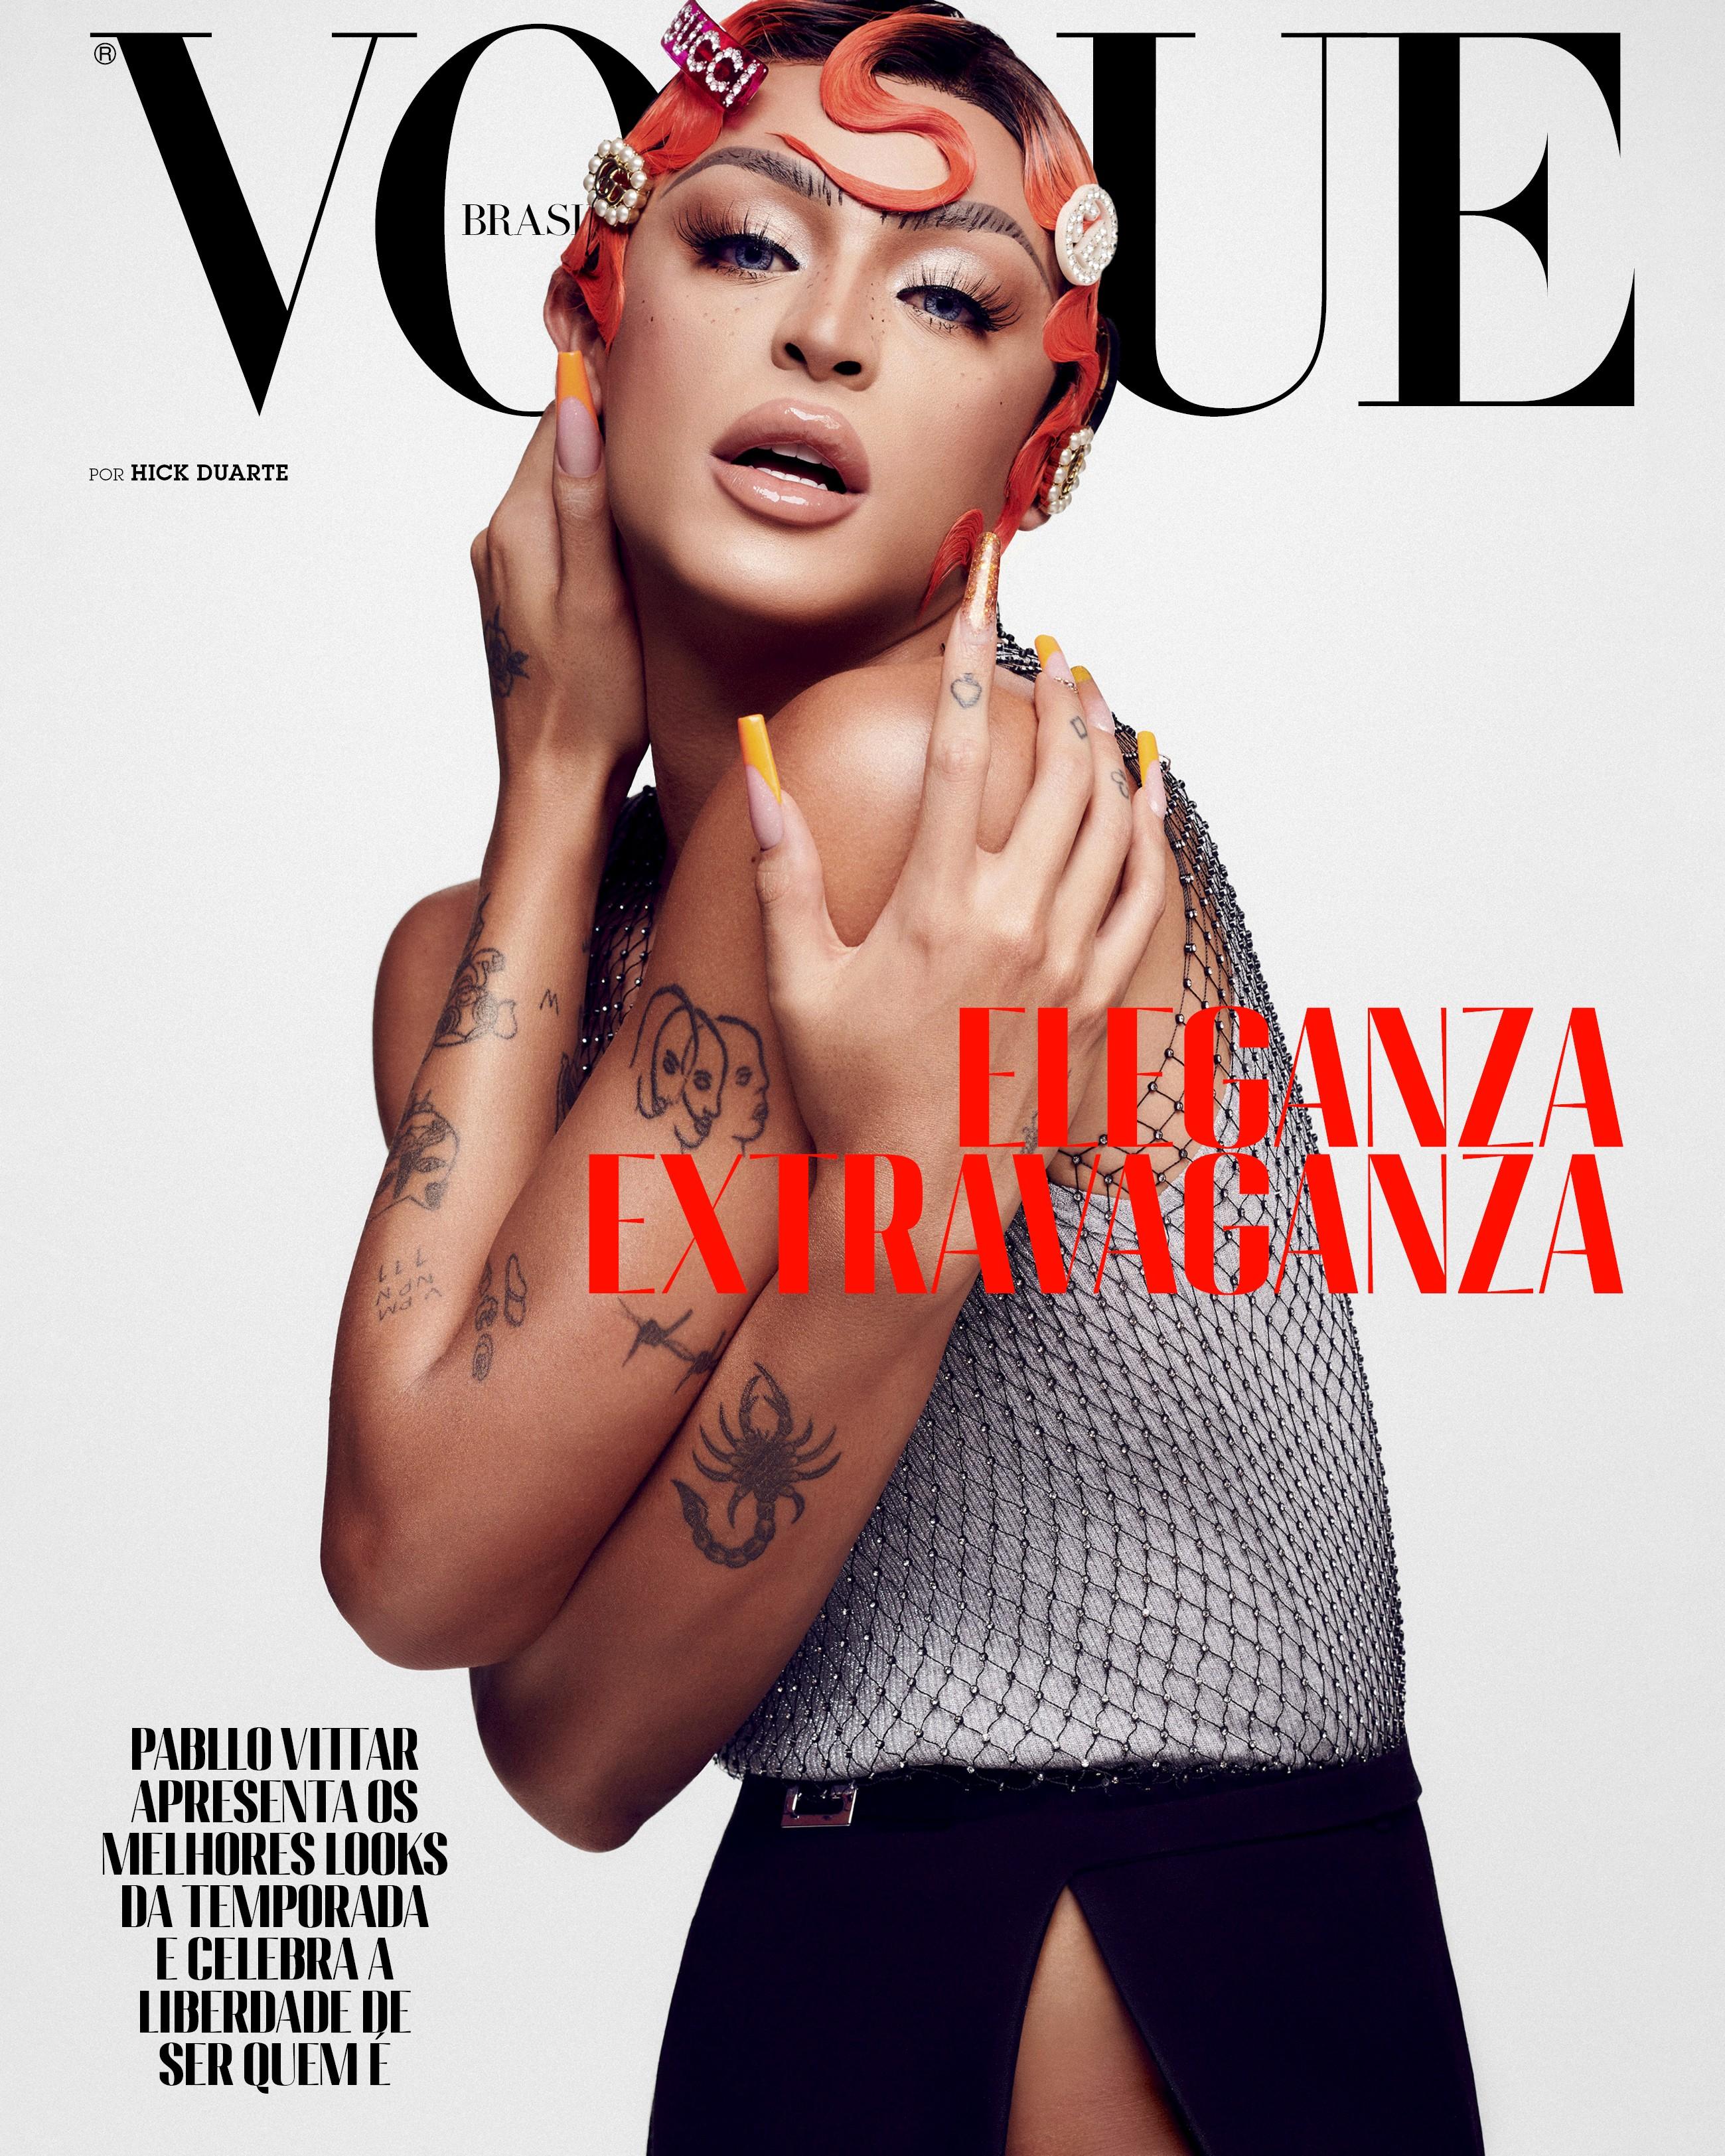 Pabllo Vittar para Vogue de outubro 2020 (Foto: Vogue Brasil/ Hick Duarte)